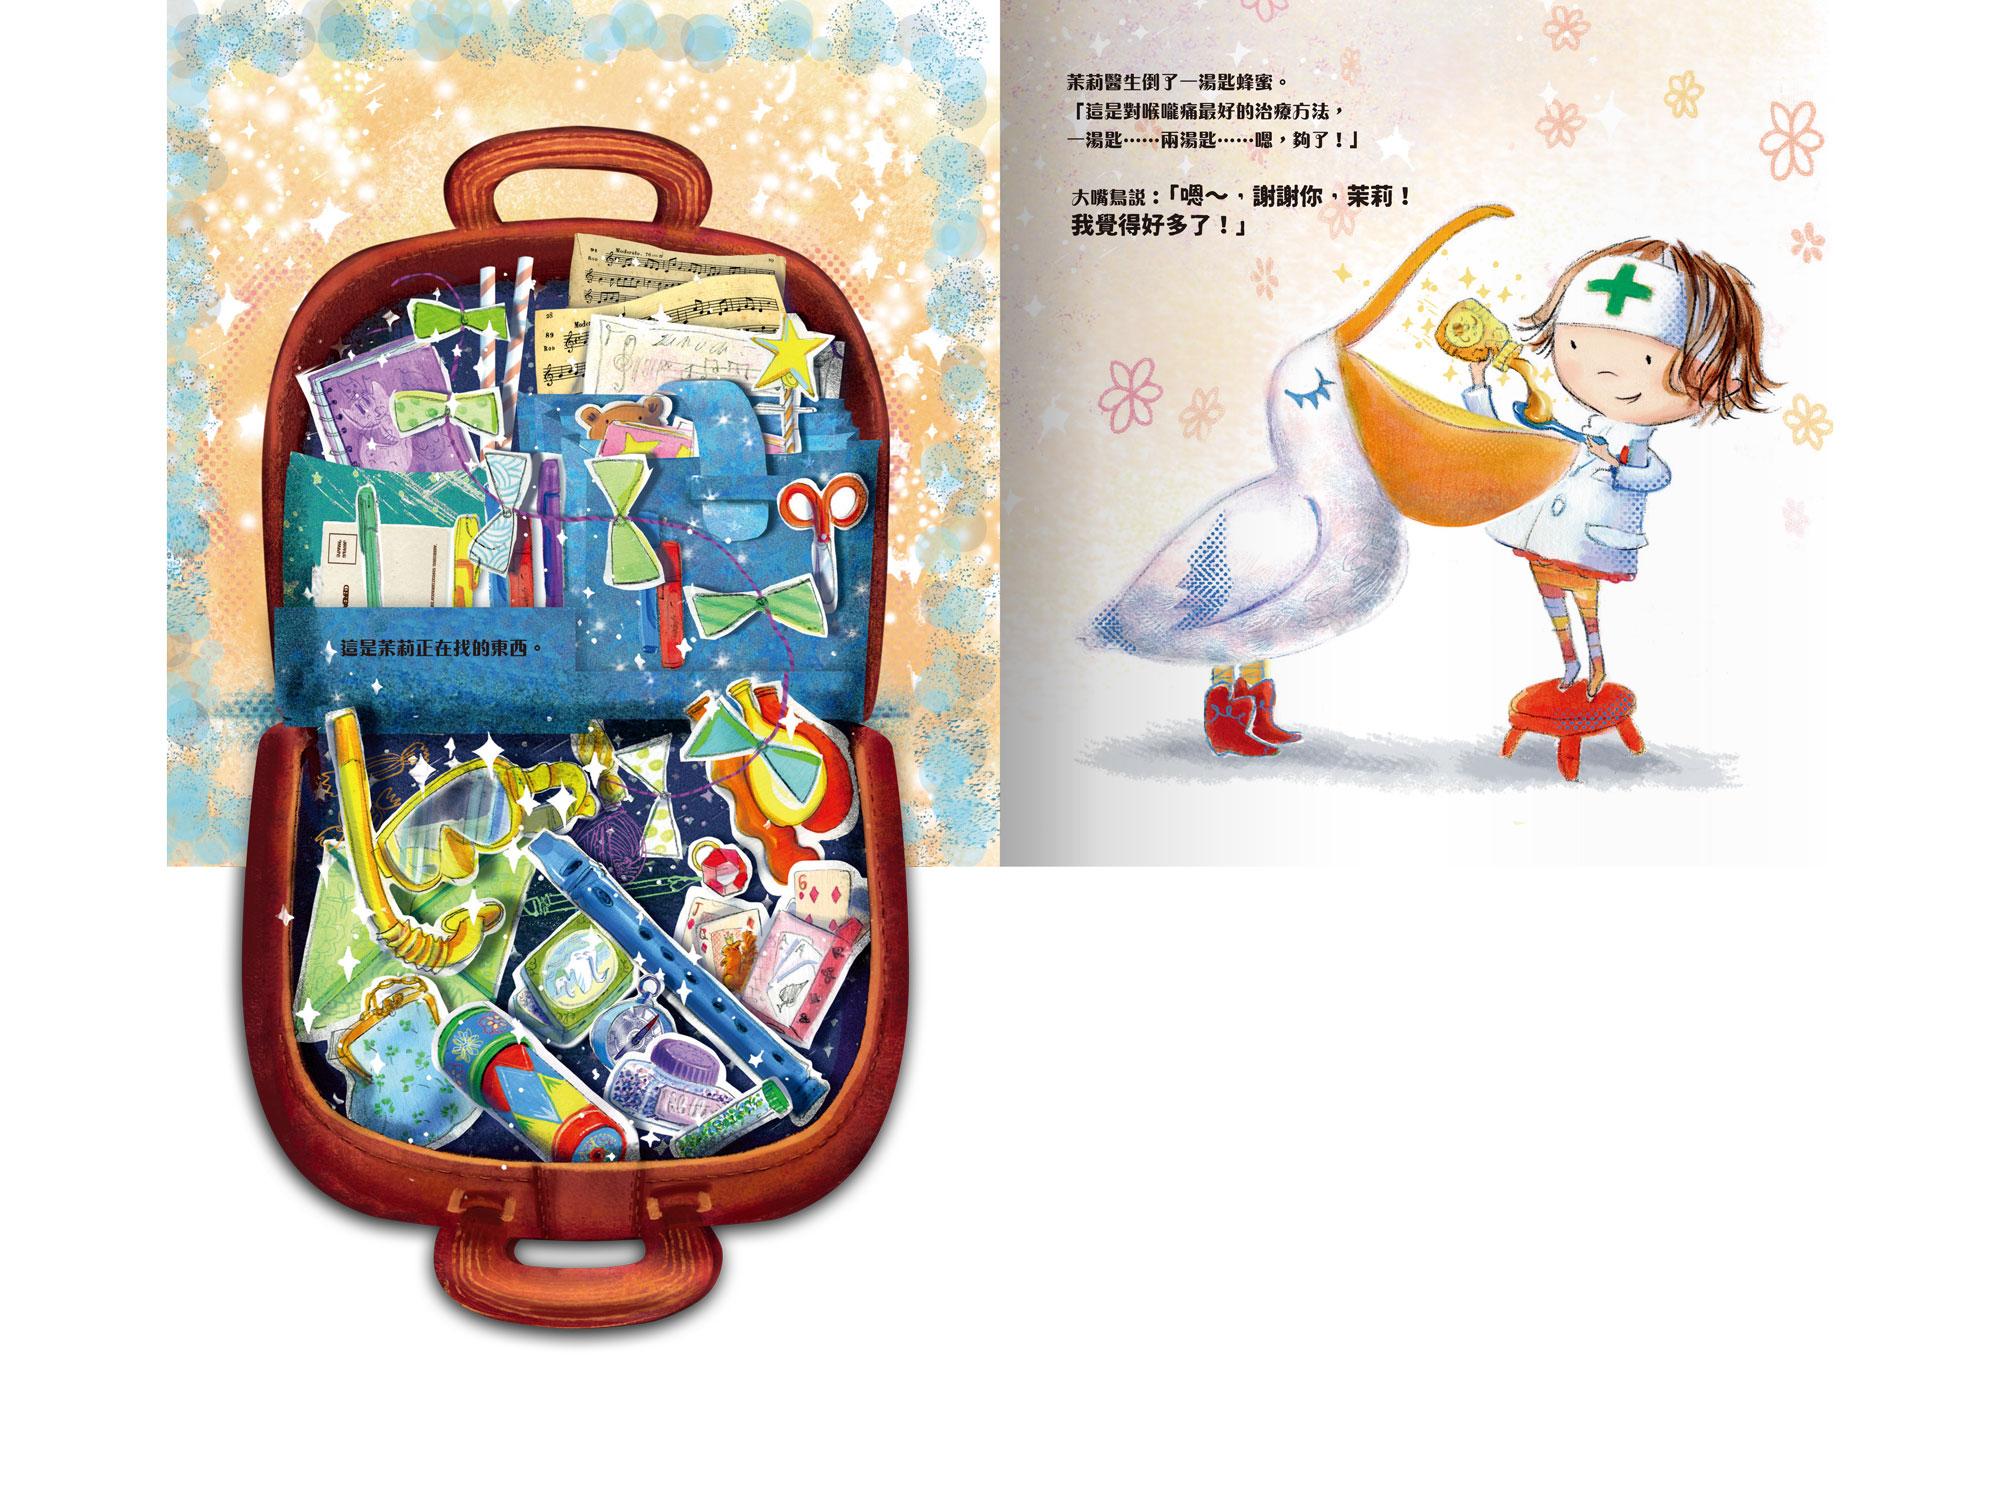 茉莉醫生的神奇醫藥箱